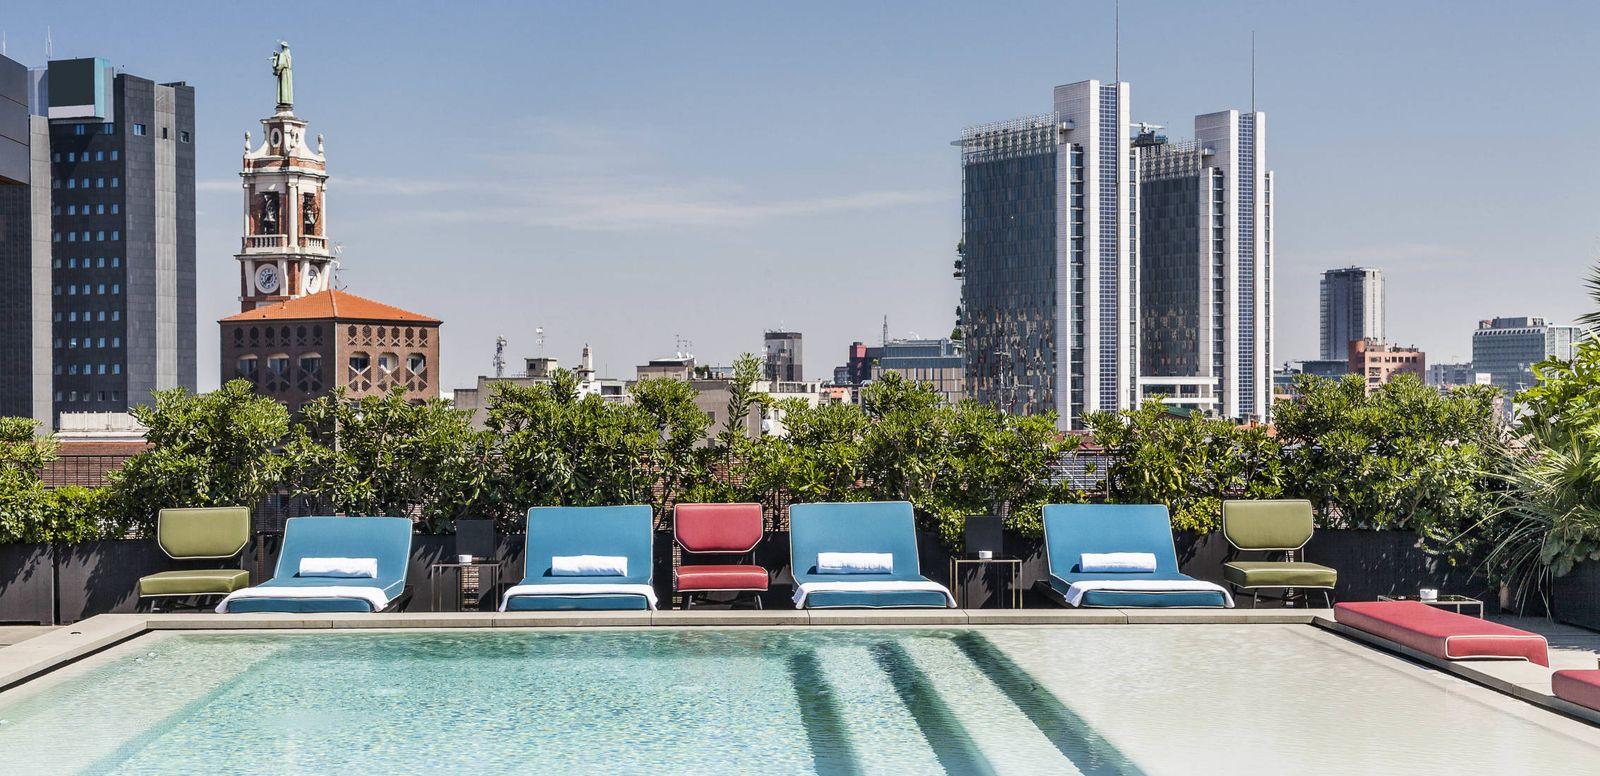 Tendencias cinco terrazas alrededor del mundo donde for Toldos para terrazas en azoteas